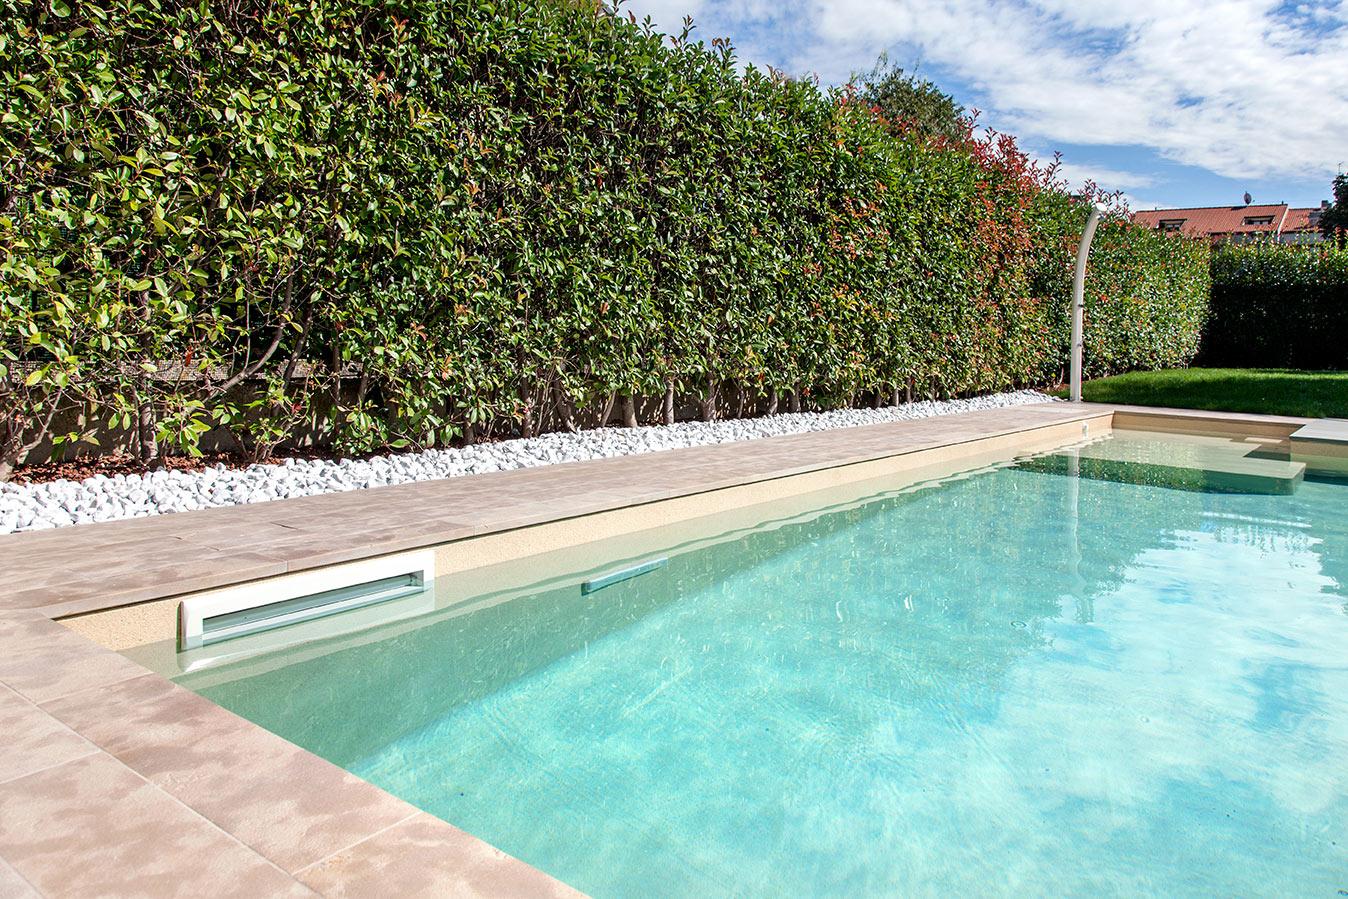 piscina interrata a skimmer